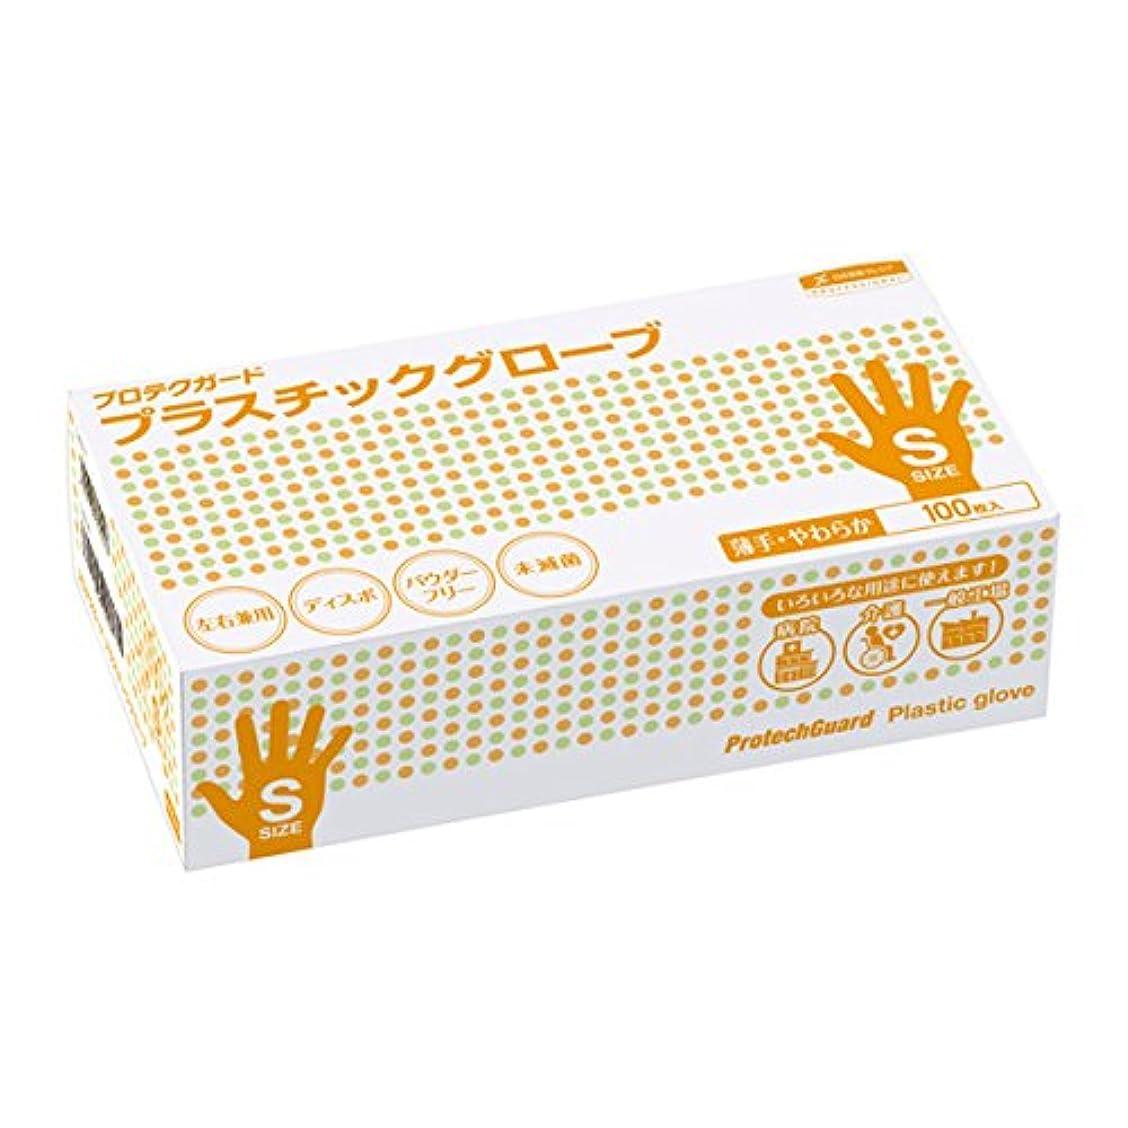 直感警察七面鳥日本製紙クレシア:プロテクガード プラスチックグローブ Sサイズ 100枚×10ボックス